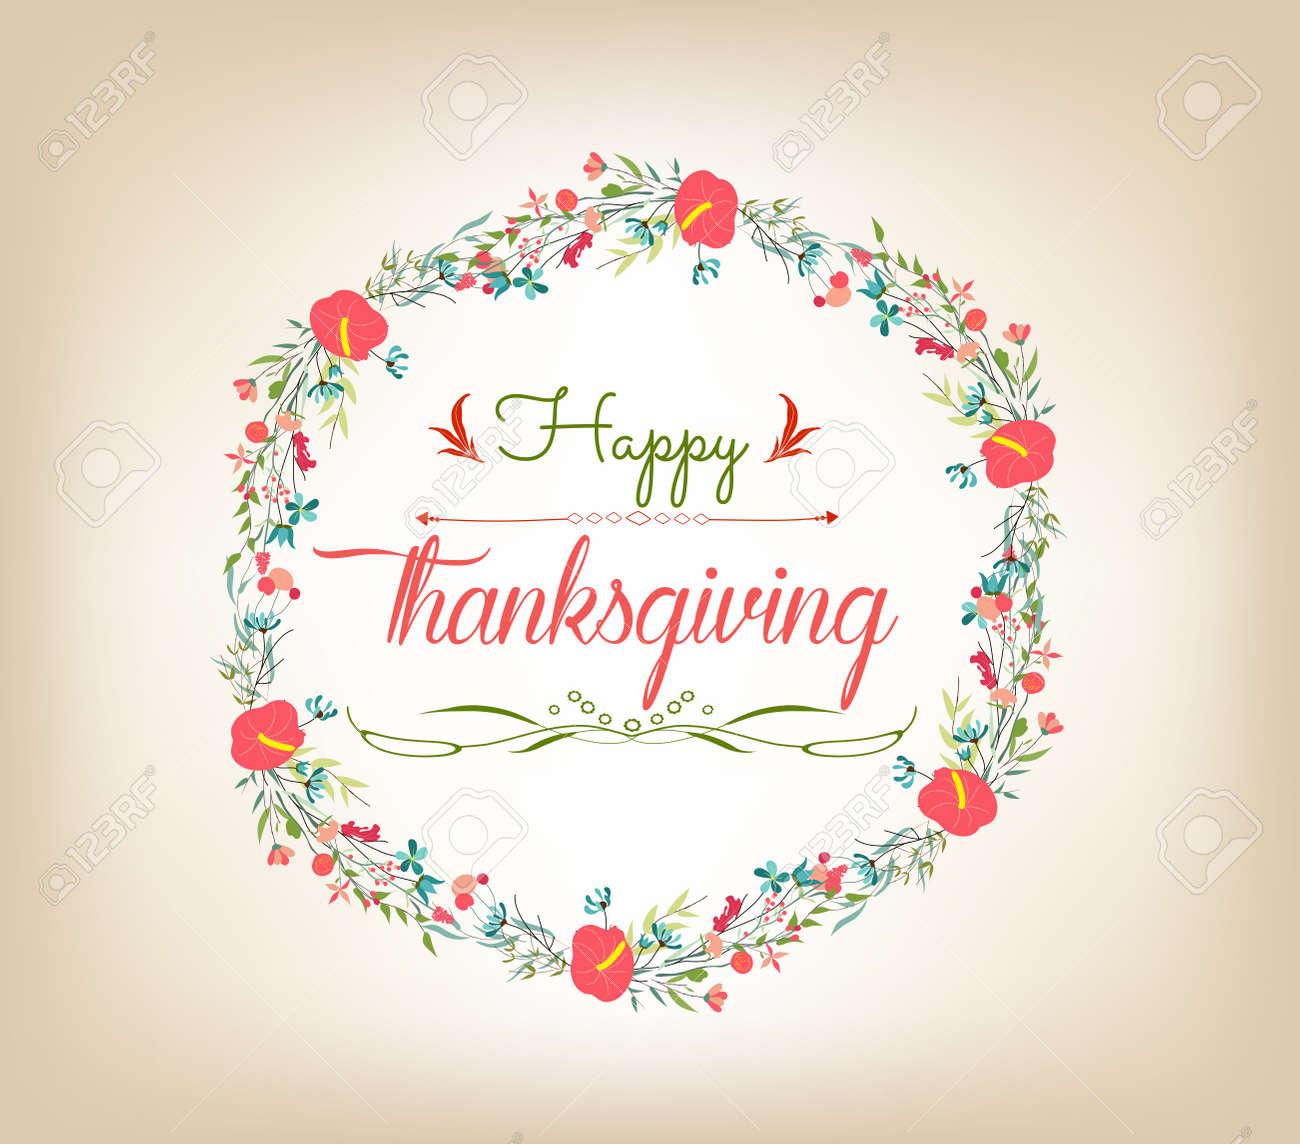 Erfreut Thanksgiving Färbung Ausdrucke Ideen - Beispiel Anschreiben ...